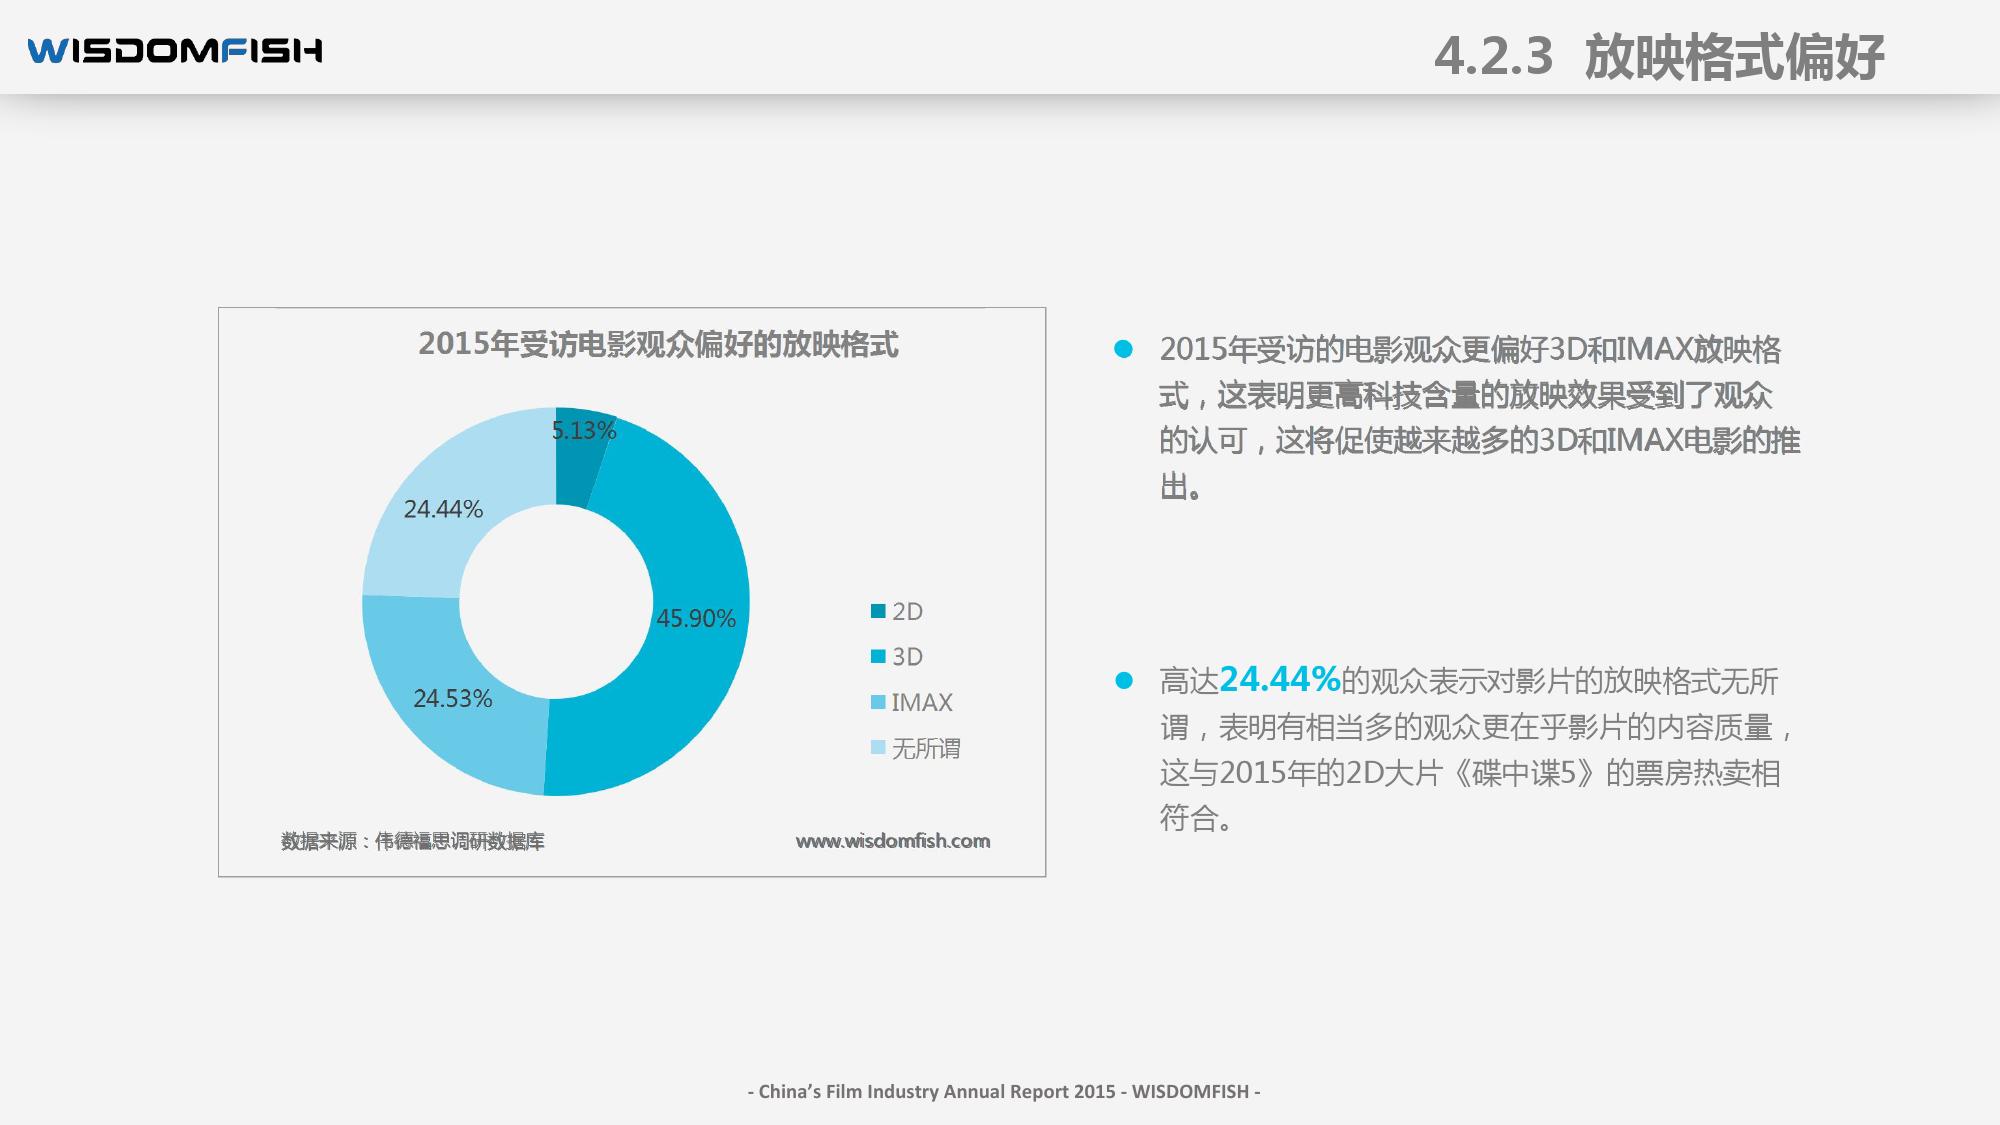 2015年度中国电影产业报告_000055